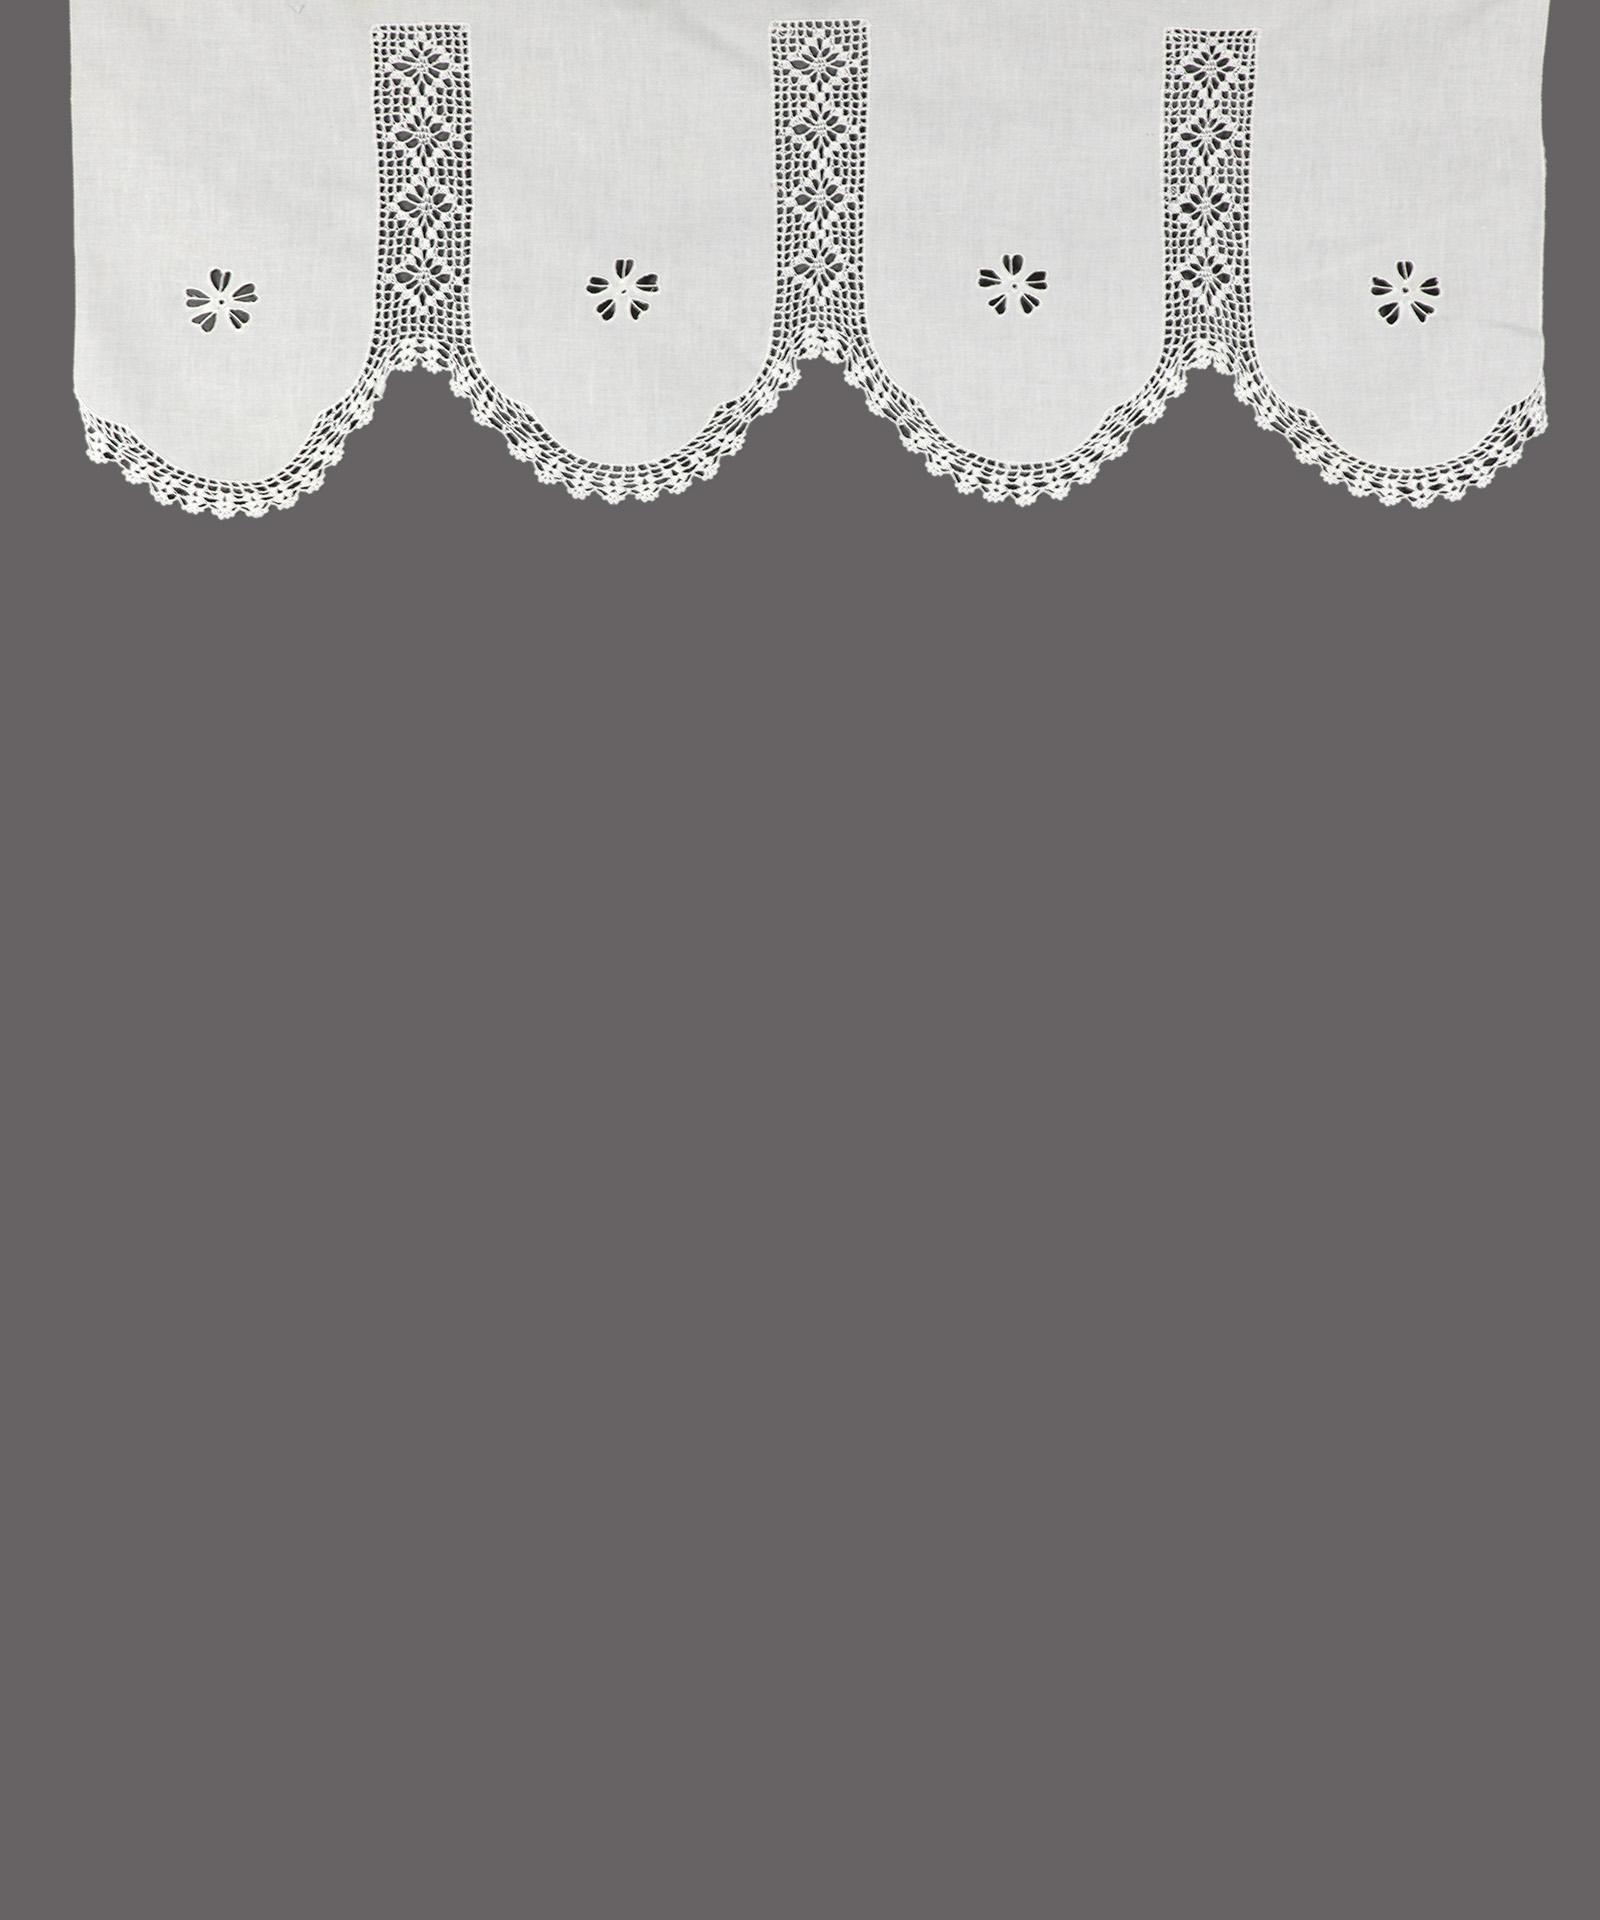 Παραδοσιακό Χειροποίητο Κουρτινάκι Τετράπτυχο με Πλεκτό Κέντημα